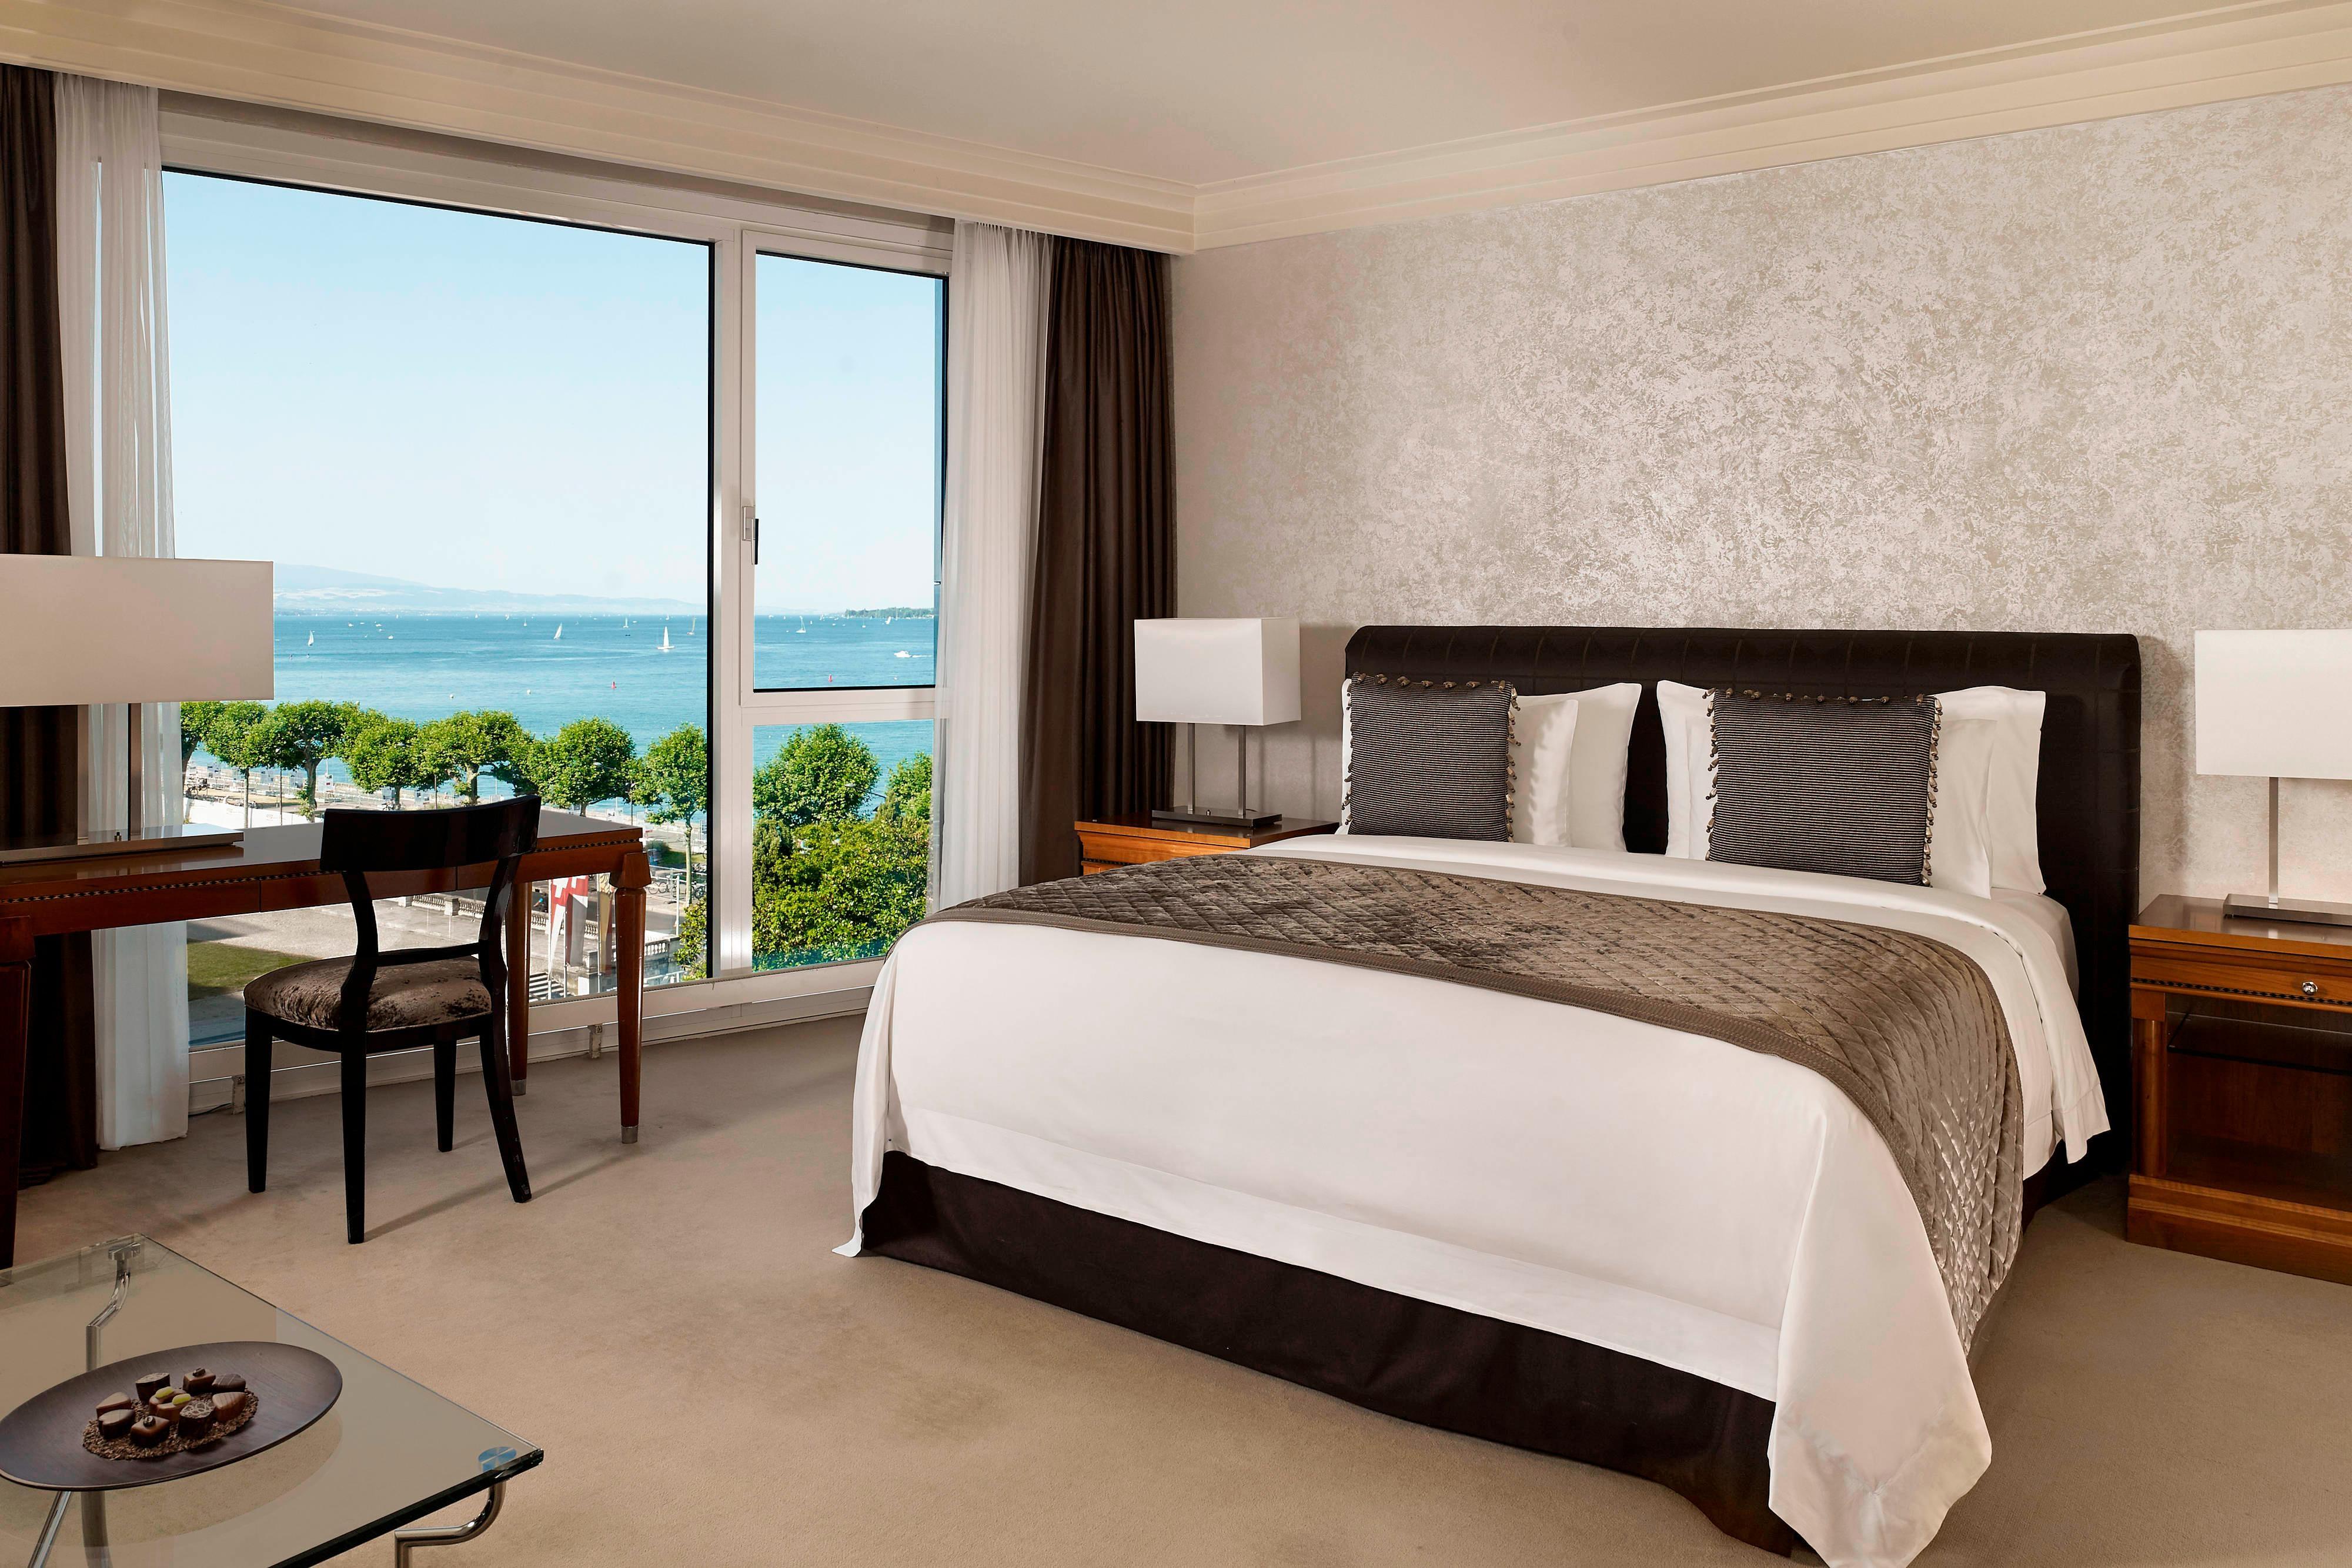 Grand Deluxe Room Bedroom & Living Area